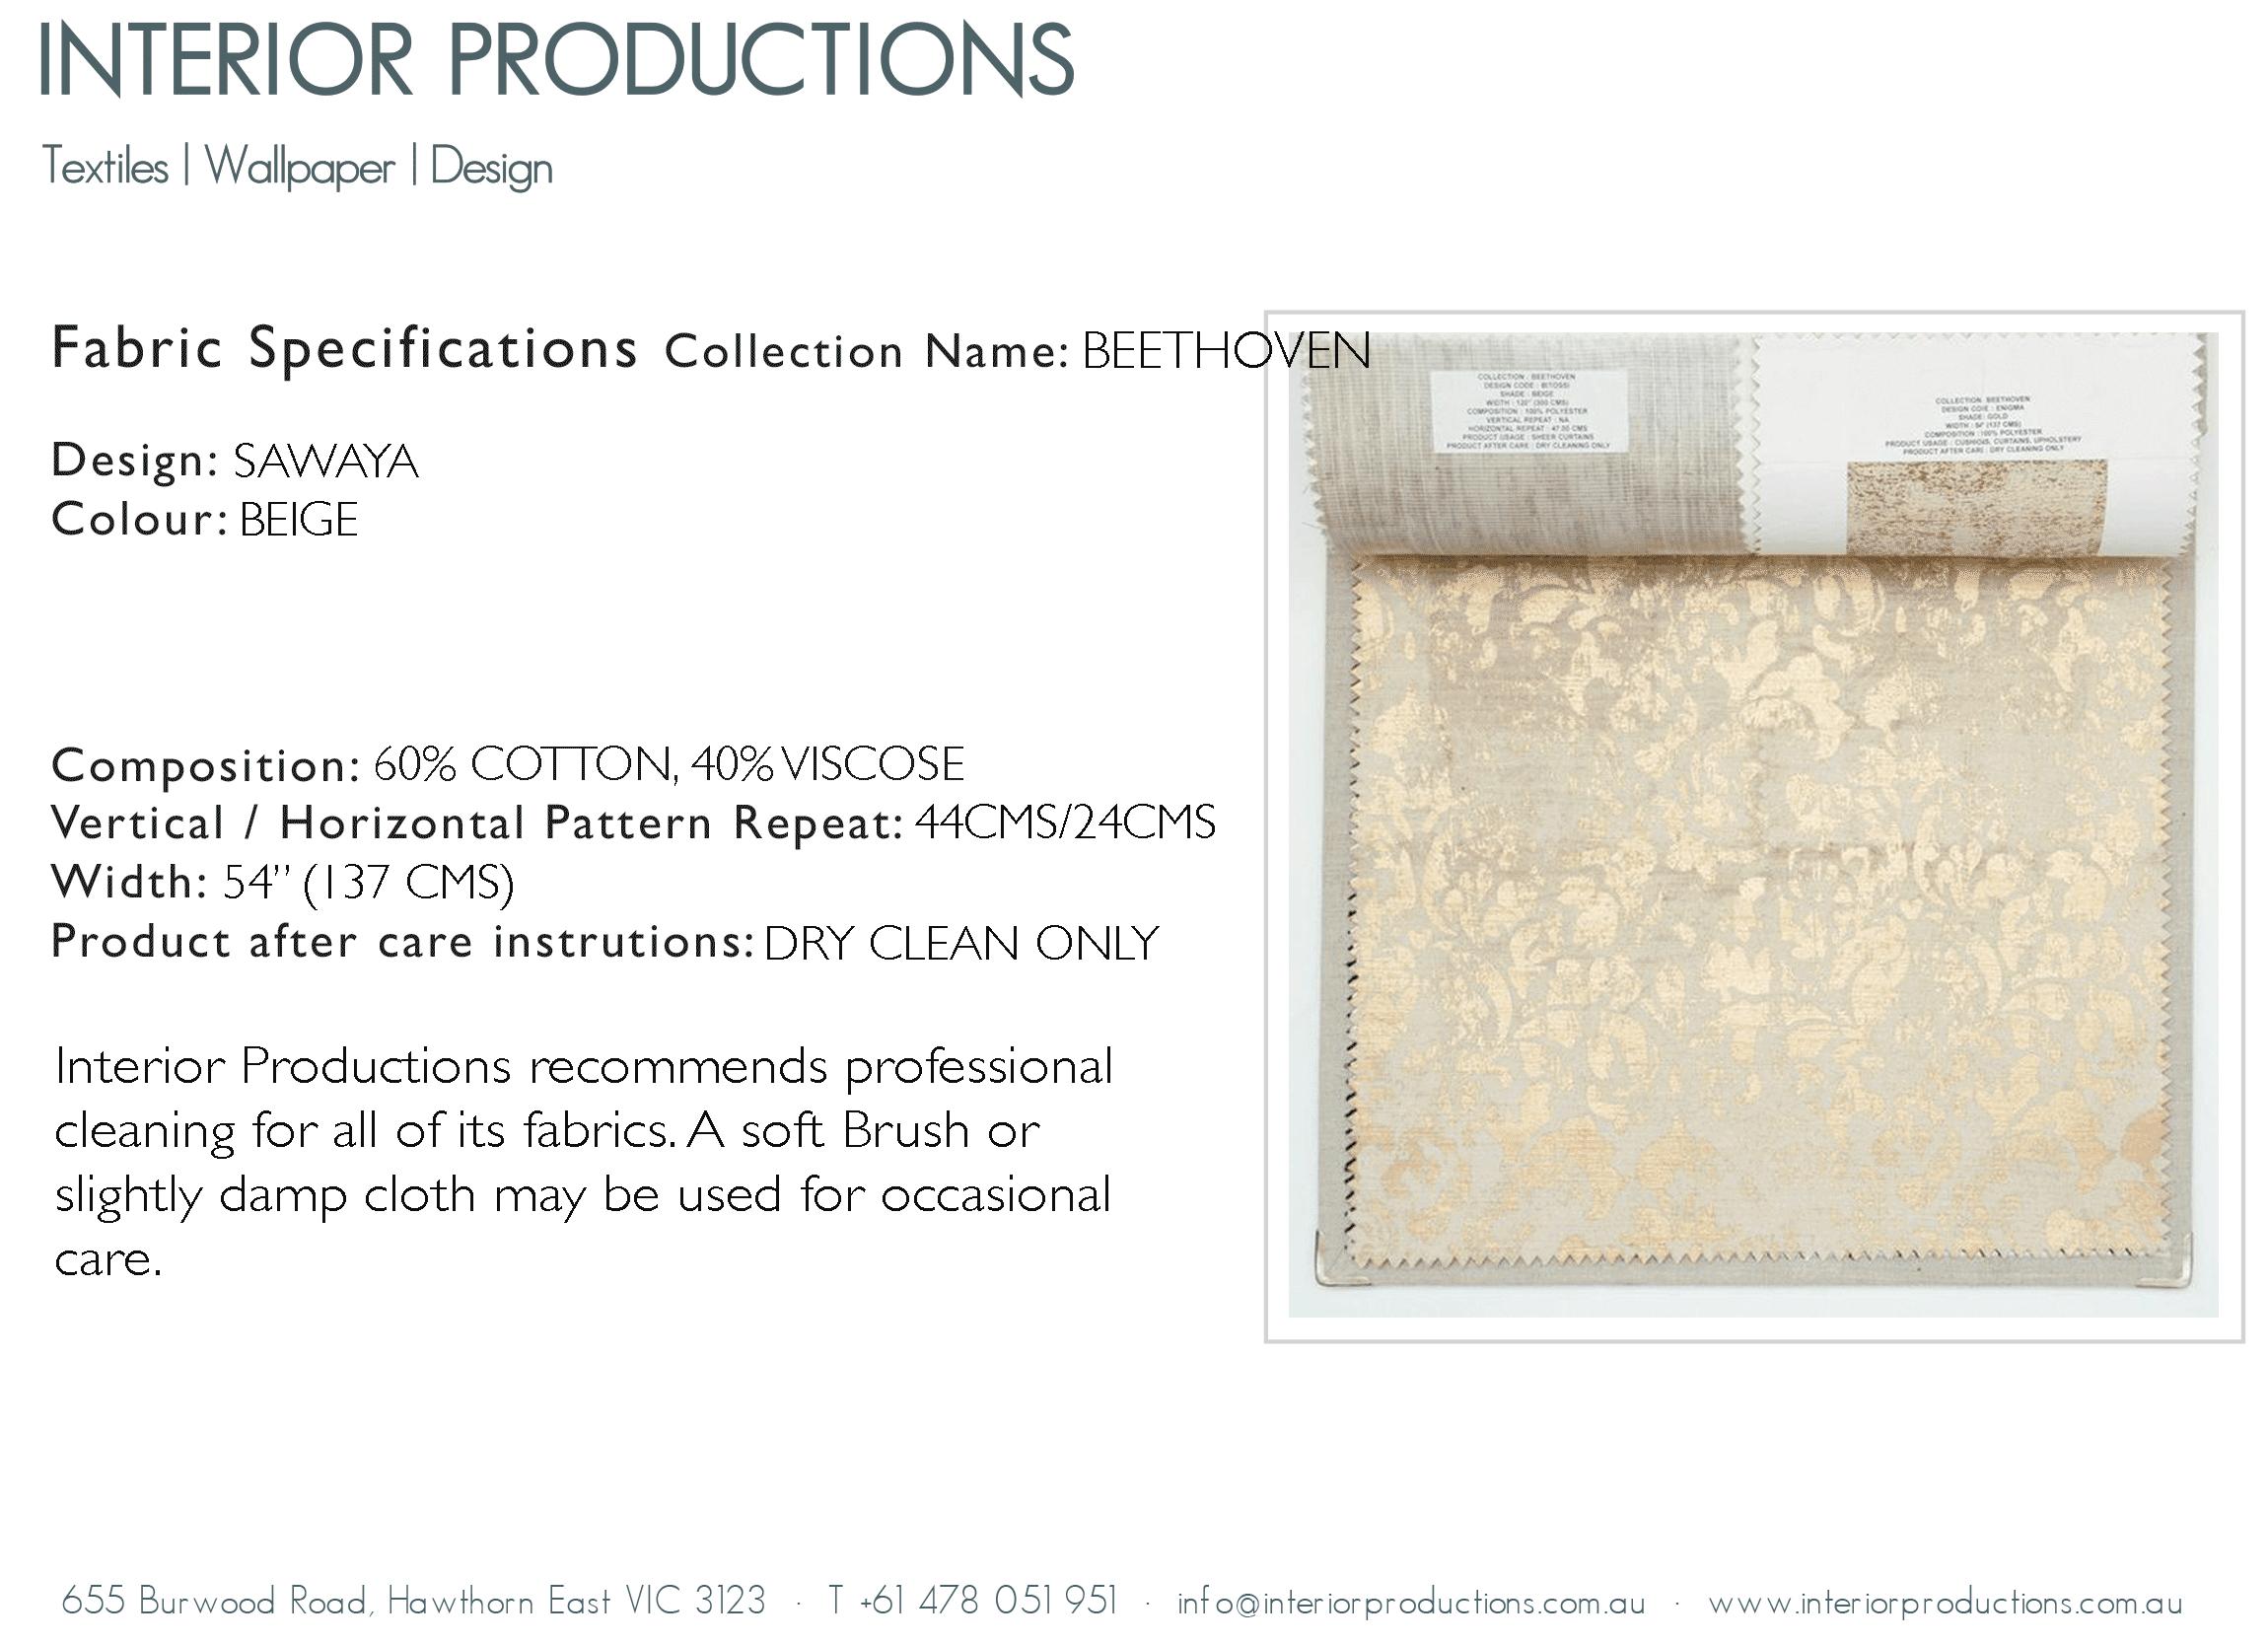 interior_productions_SAWAYA---BEIGE